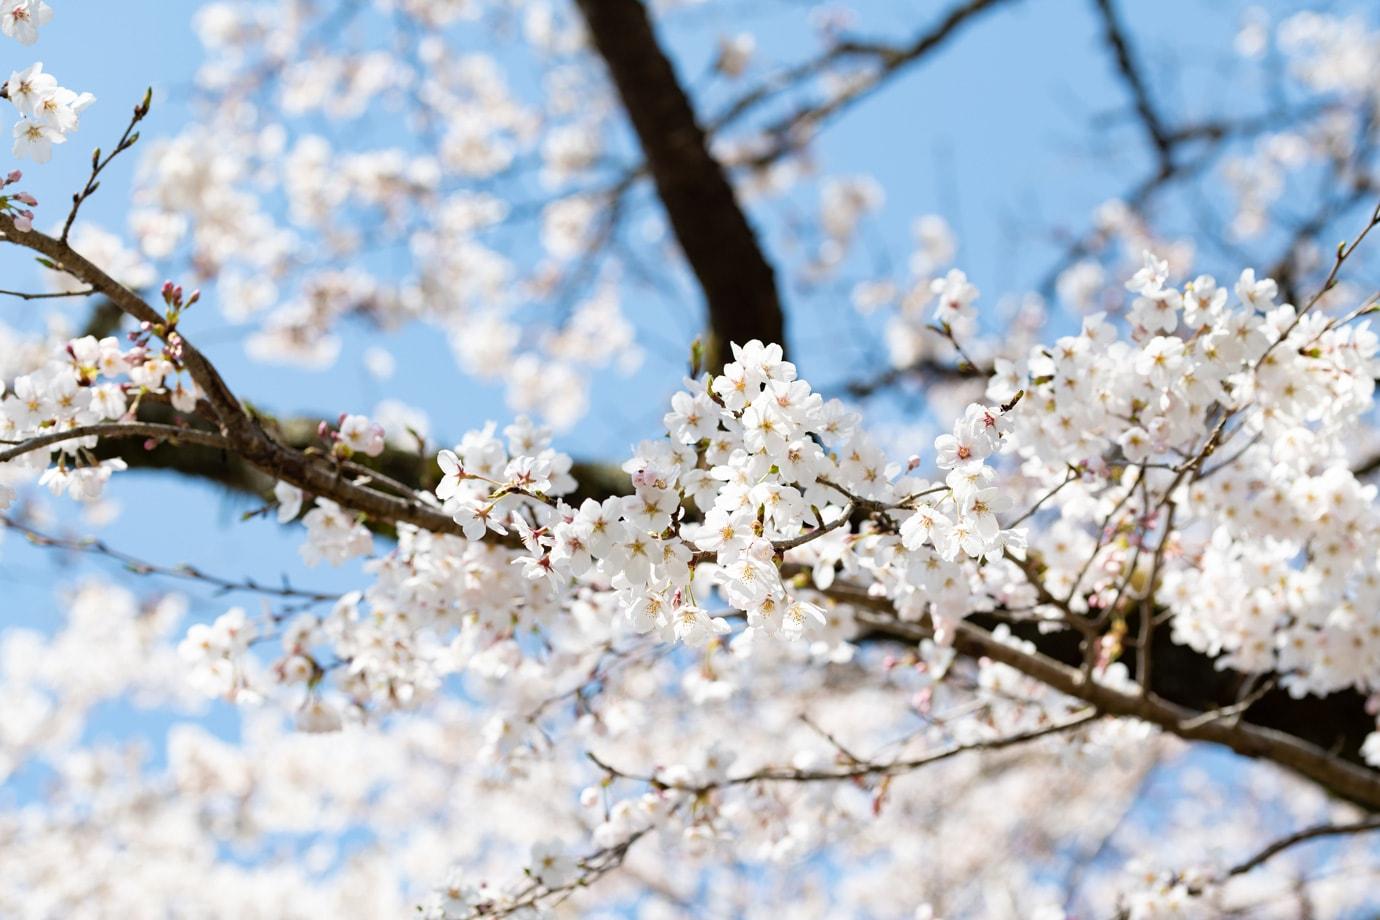 明建神社参道の桜並木 スライダー画像3